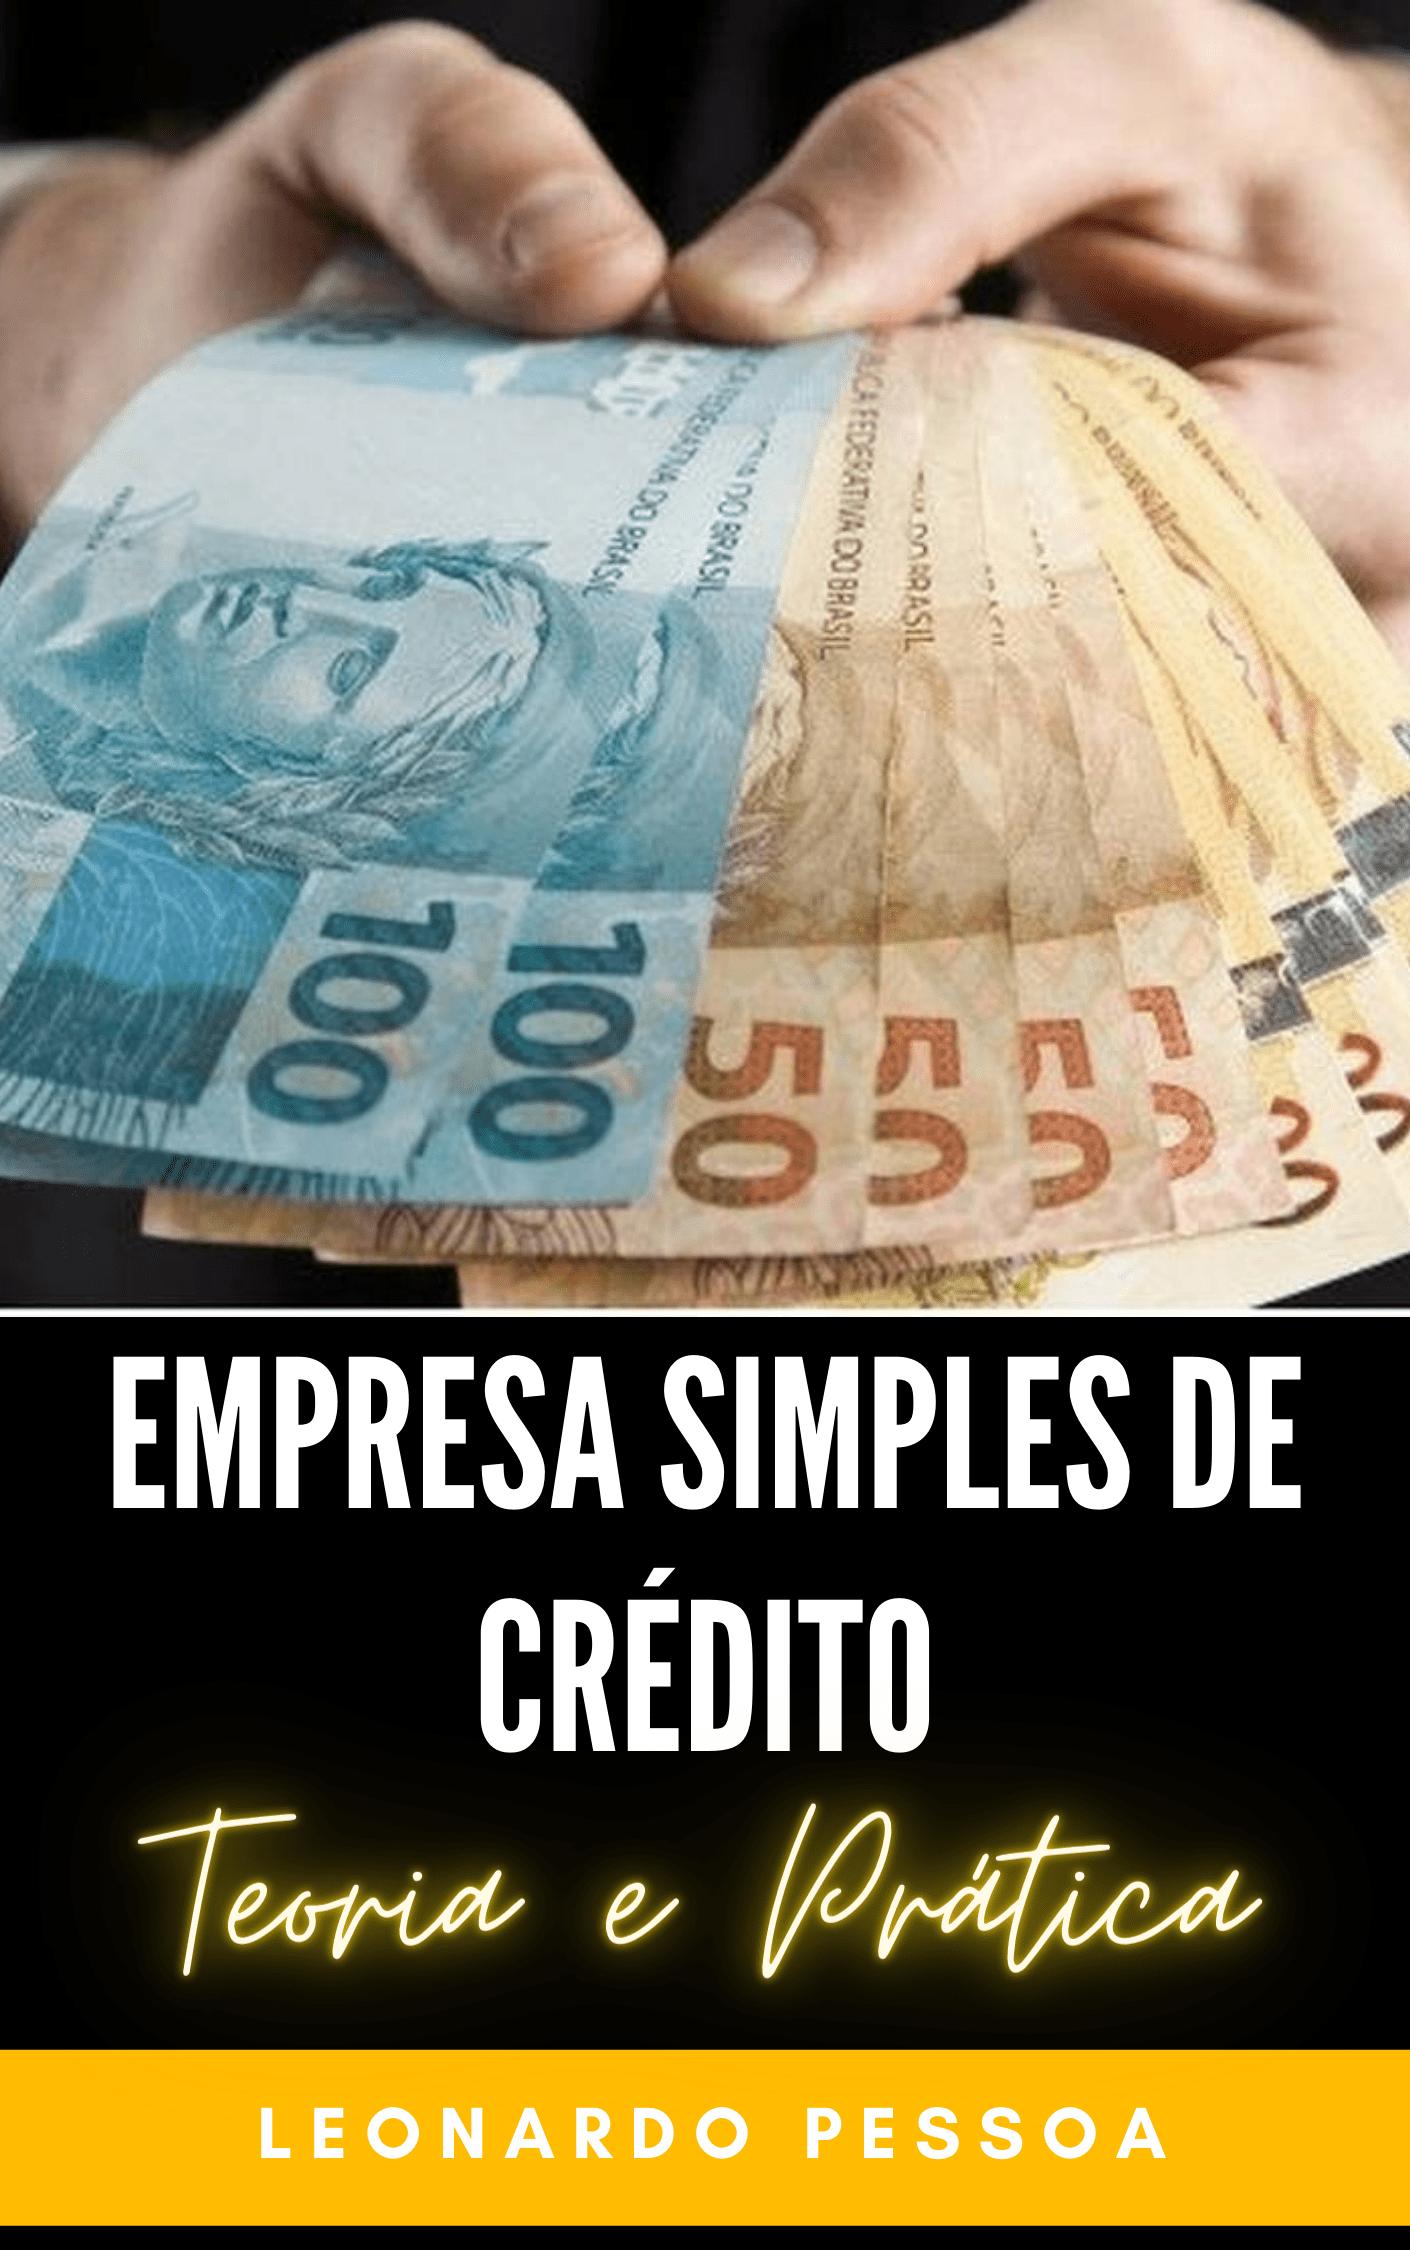 E-book sobre Empresa Simples de Crédito – ESC